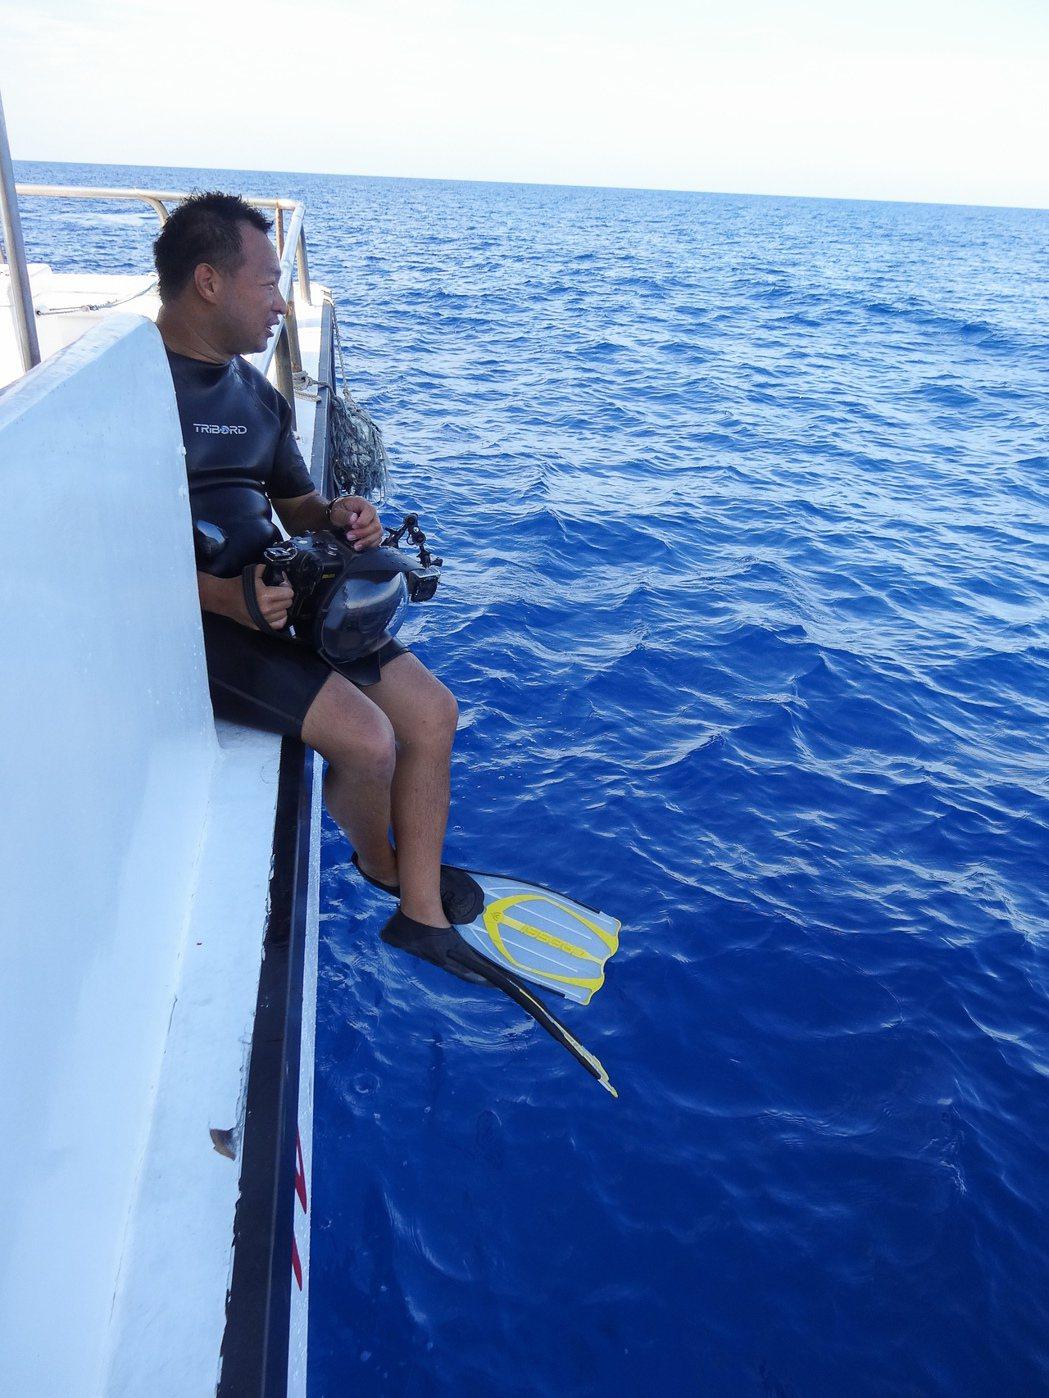 搭船執行拍攝工作的金磊。沒出國拍攝的日子,金磊偶爾會擔任黑潮的解說員,或跟著調查...